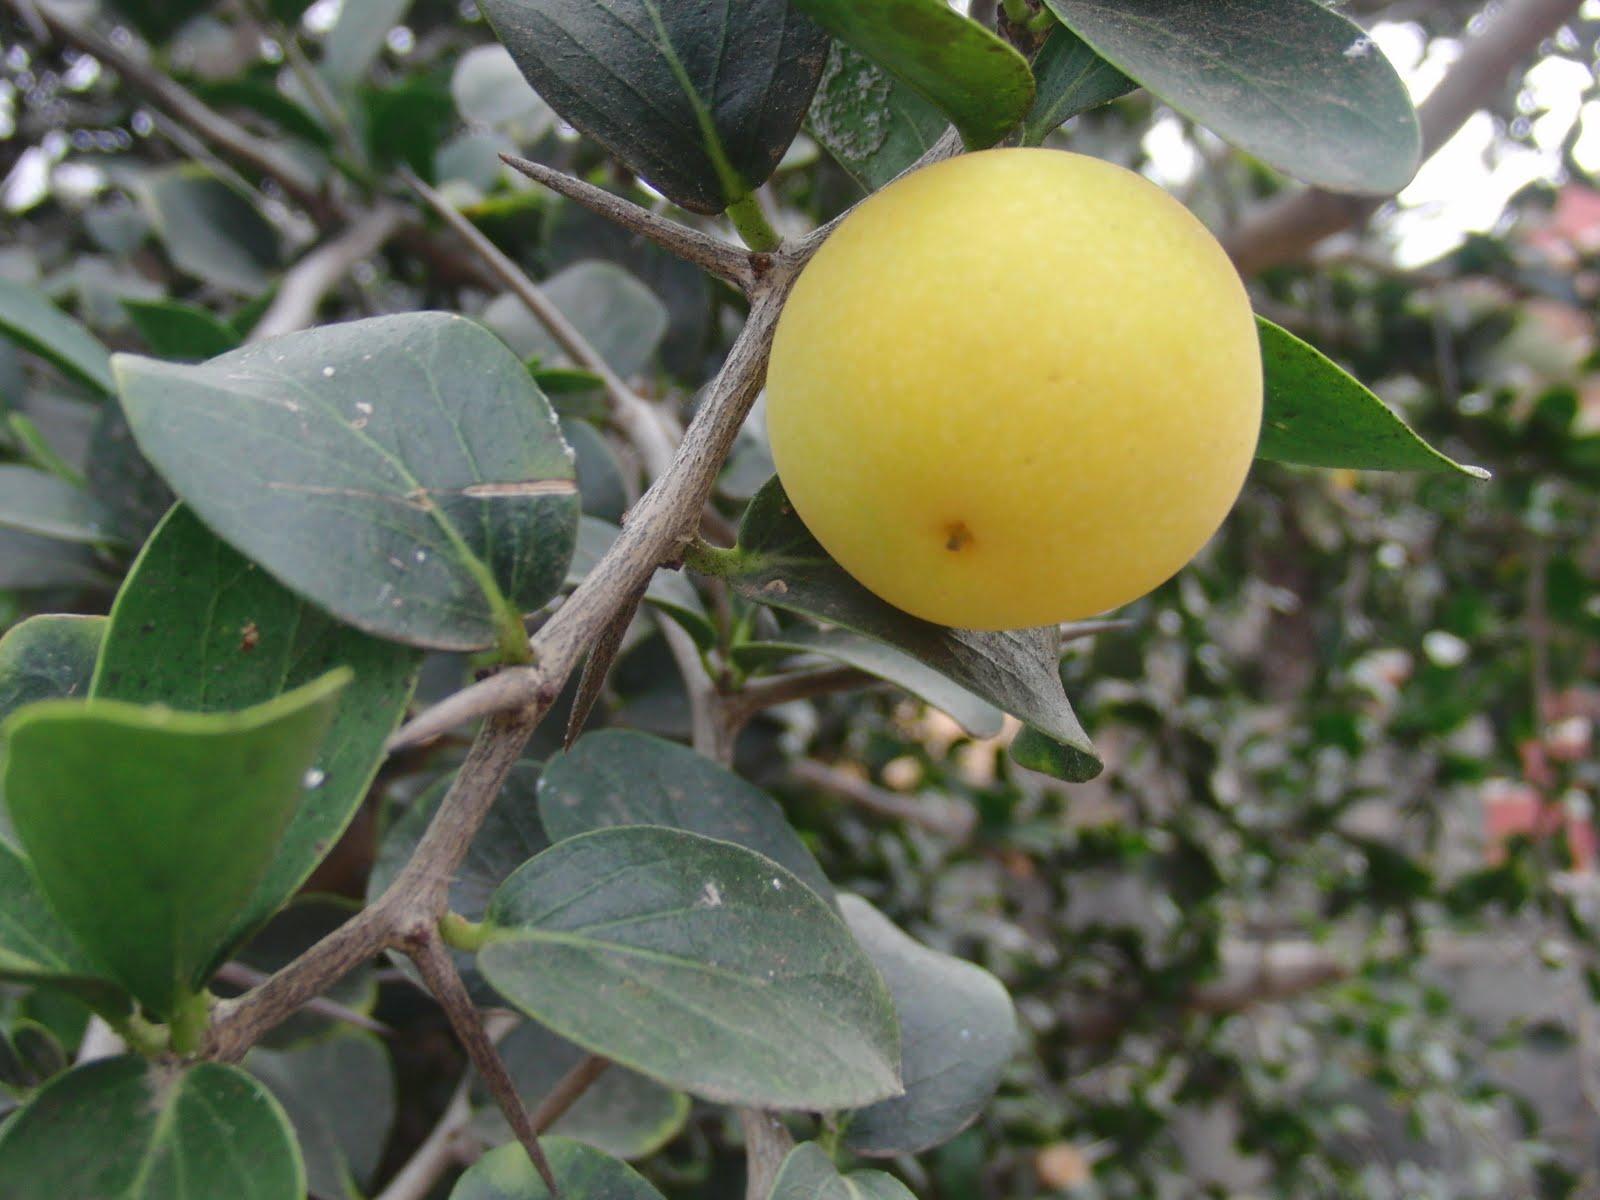 manzana+cafre+1.JPG